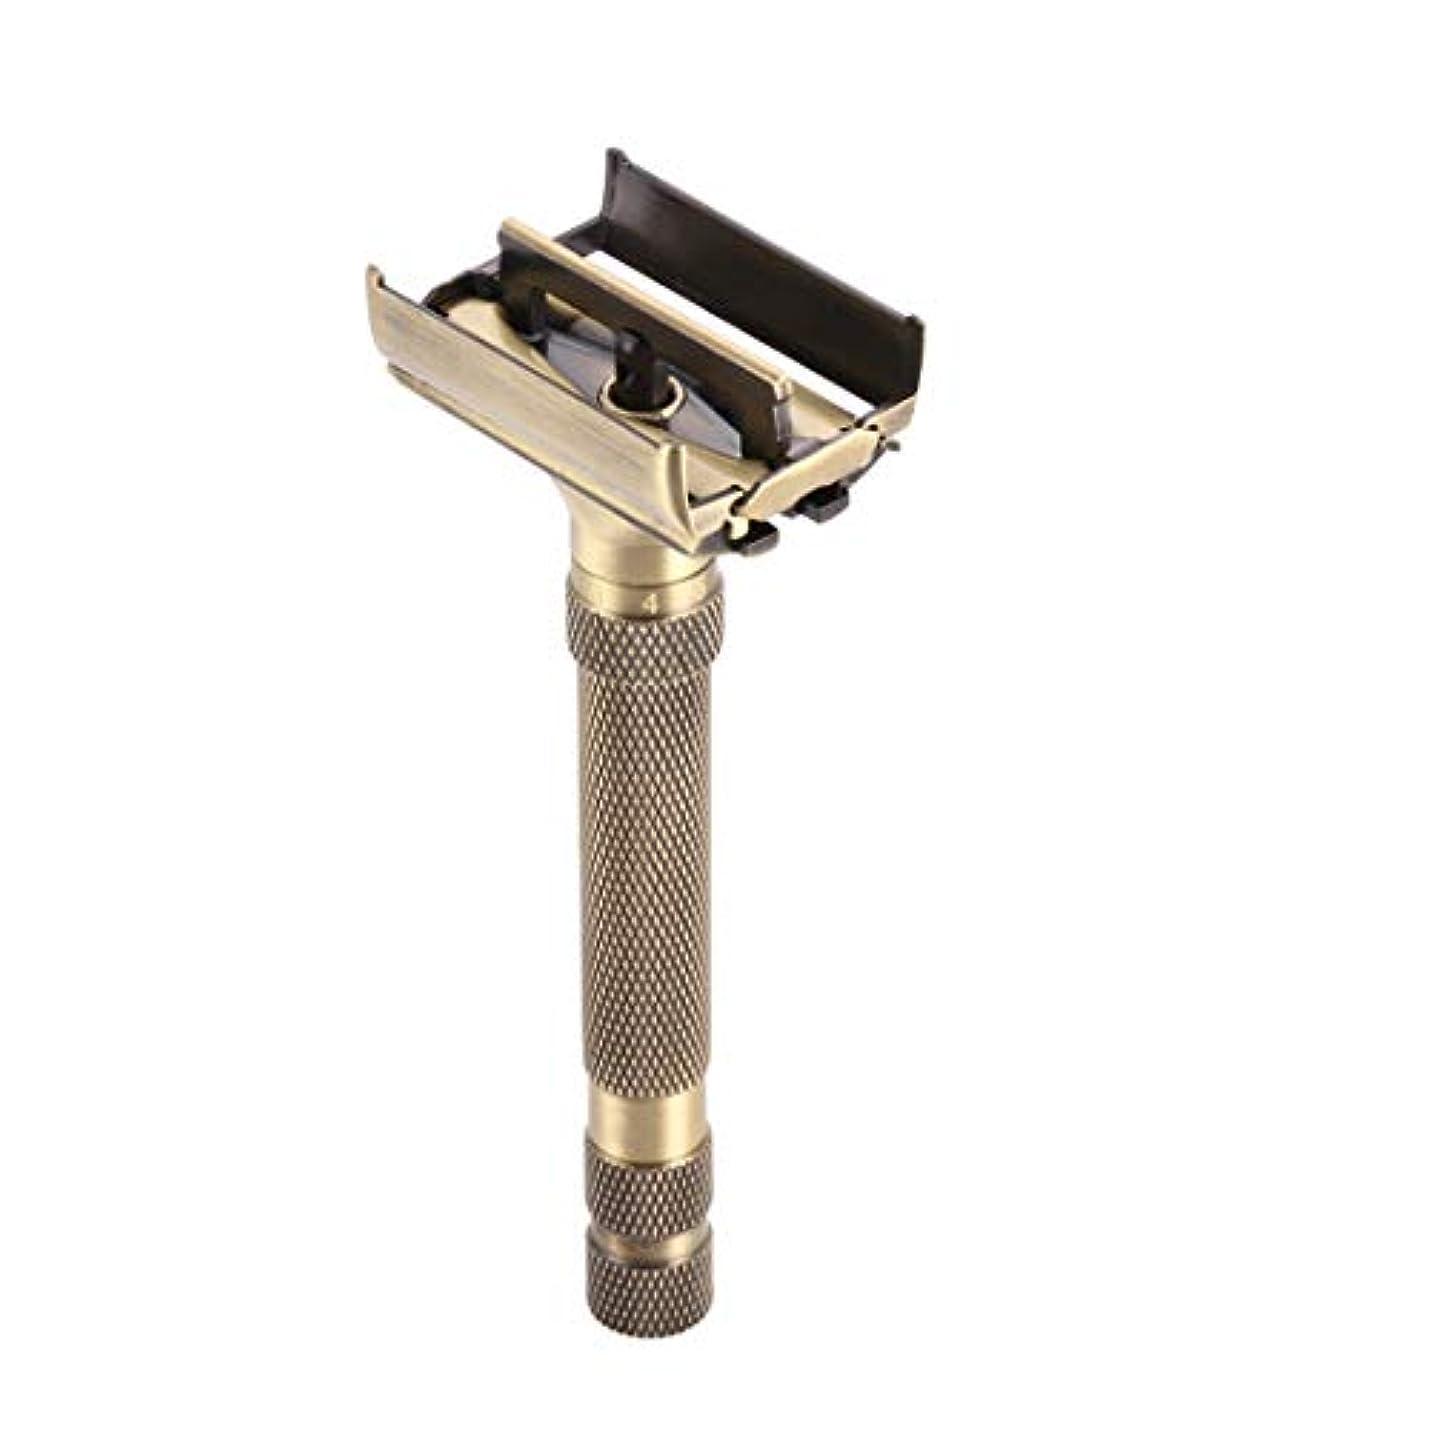 音節可決消えるクラシックダブルエッジカミソリ真鍮両面手動かみそり ブレード露出調整可能 ダブルエッジ 安全レイザー 替刃5個付